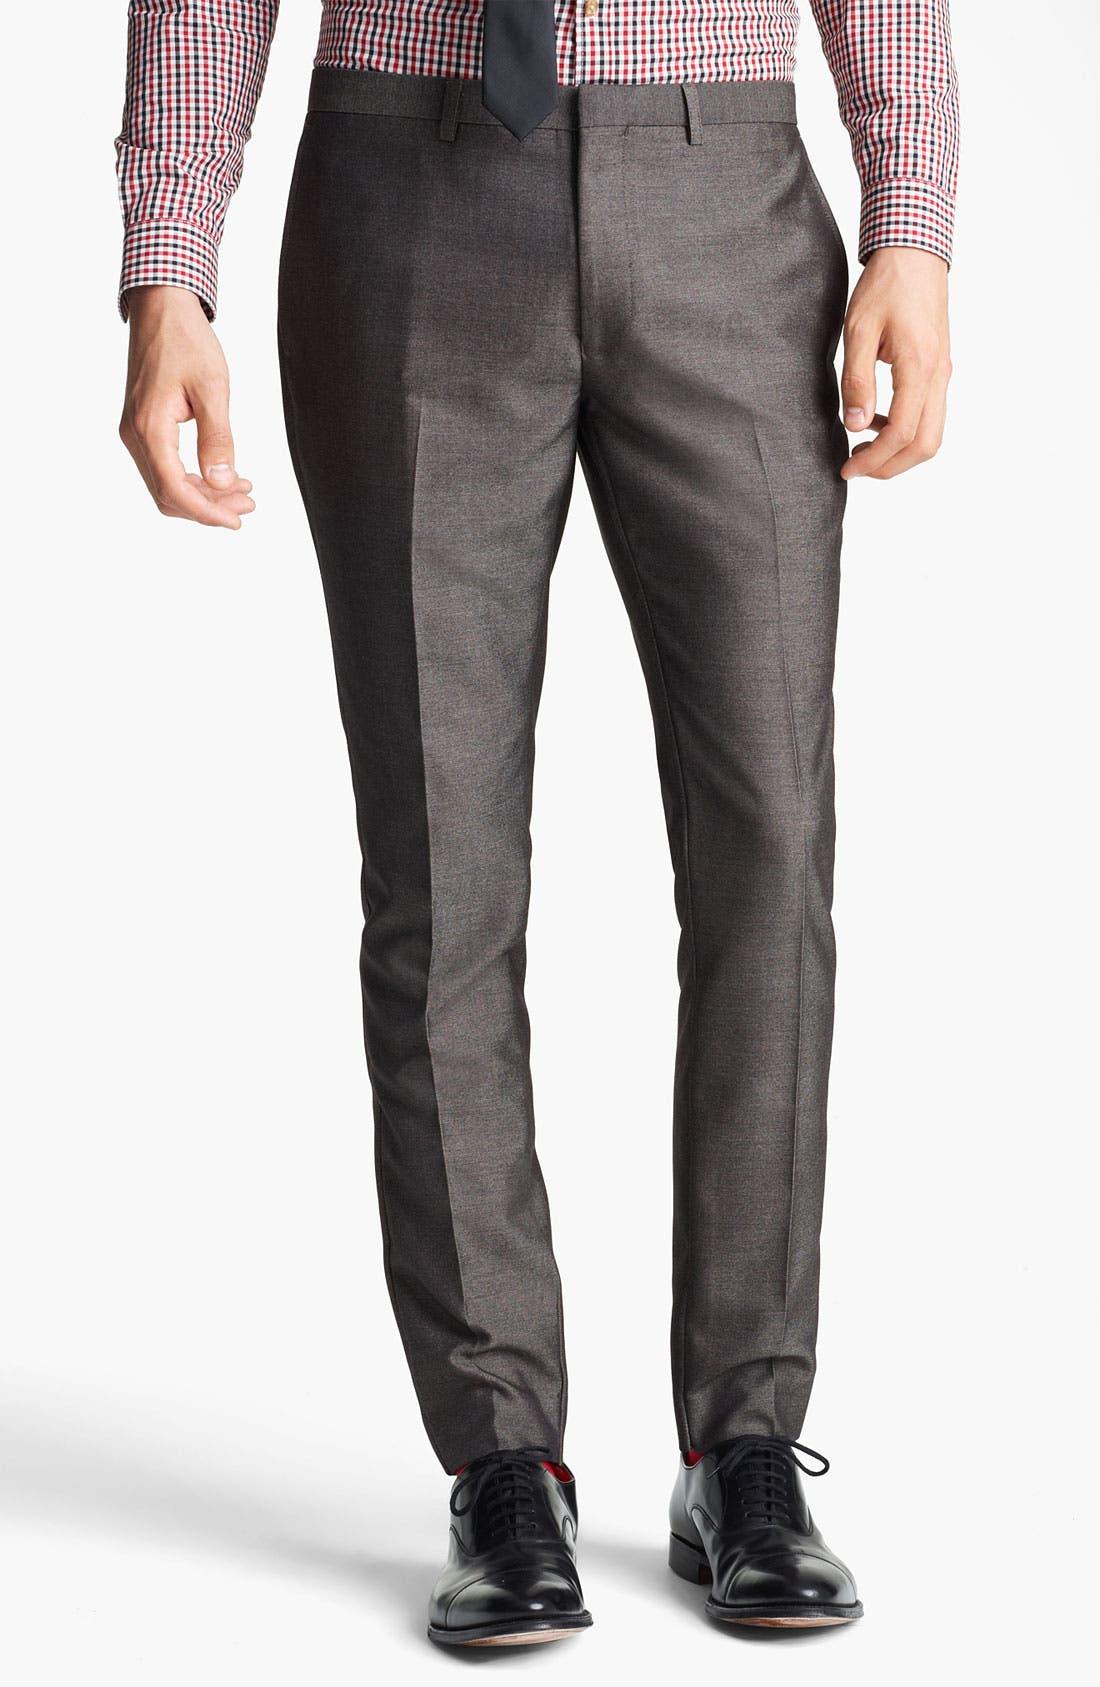 Main Image - Topman 'Taylor' Skinny Trousers